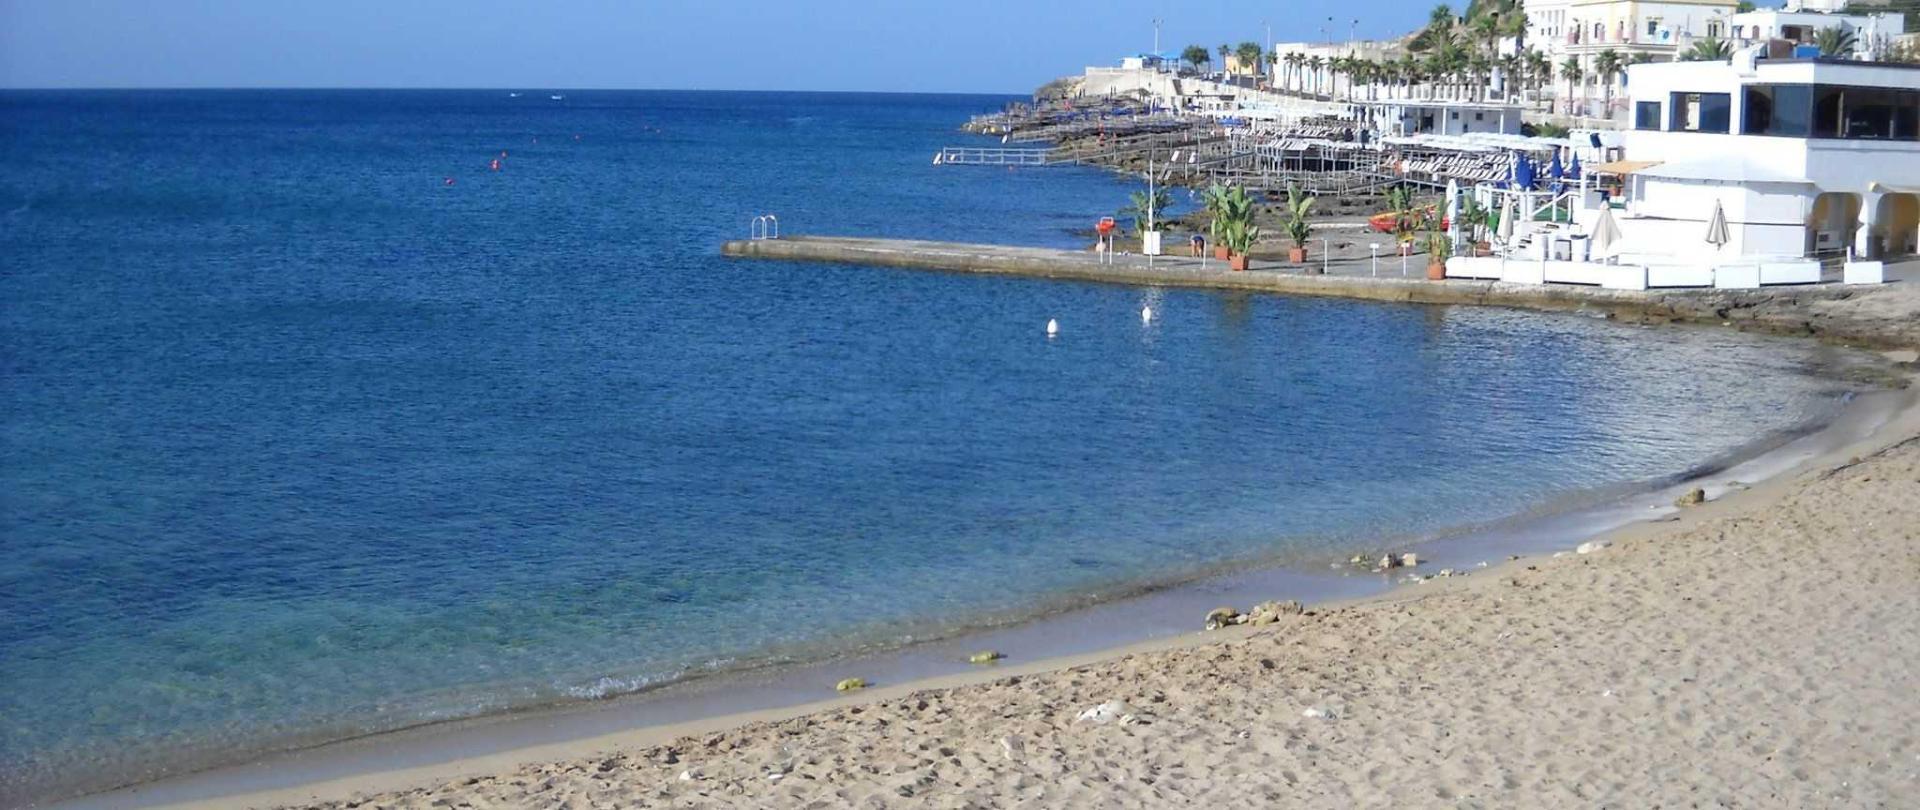 1a-spiaggia-a-300-metri-1.jpg